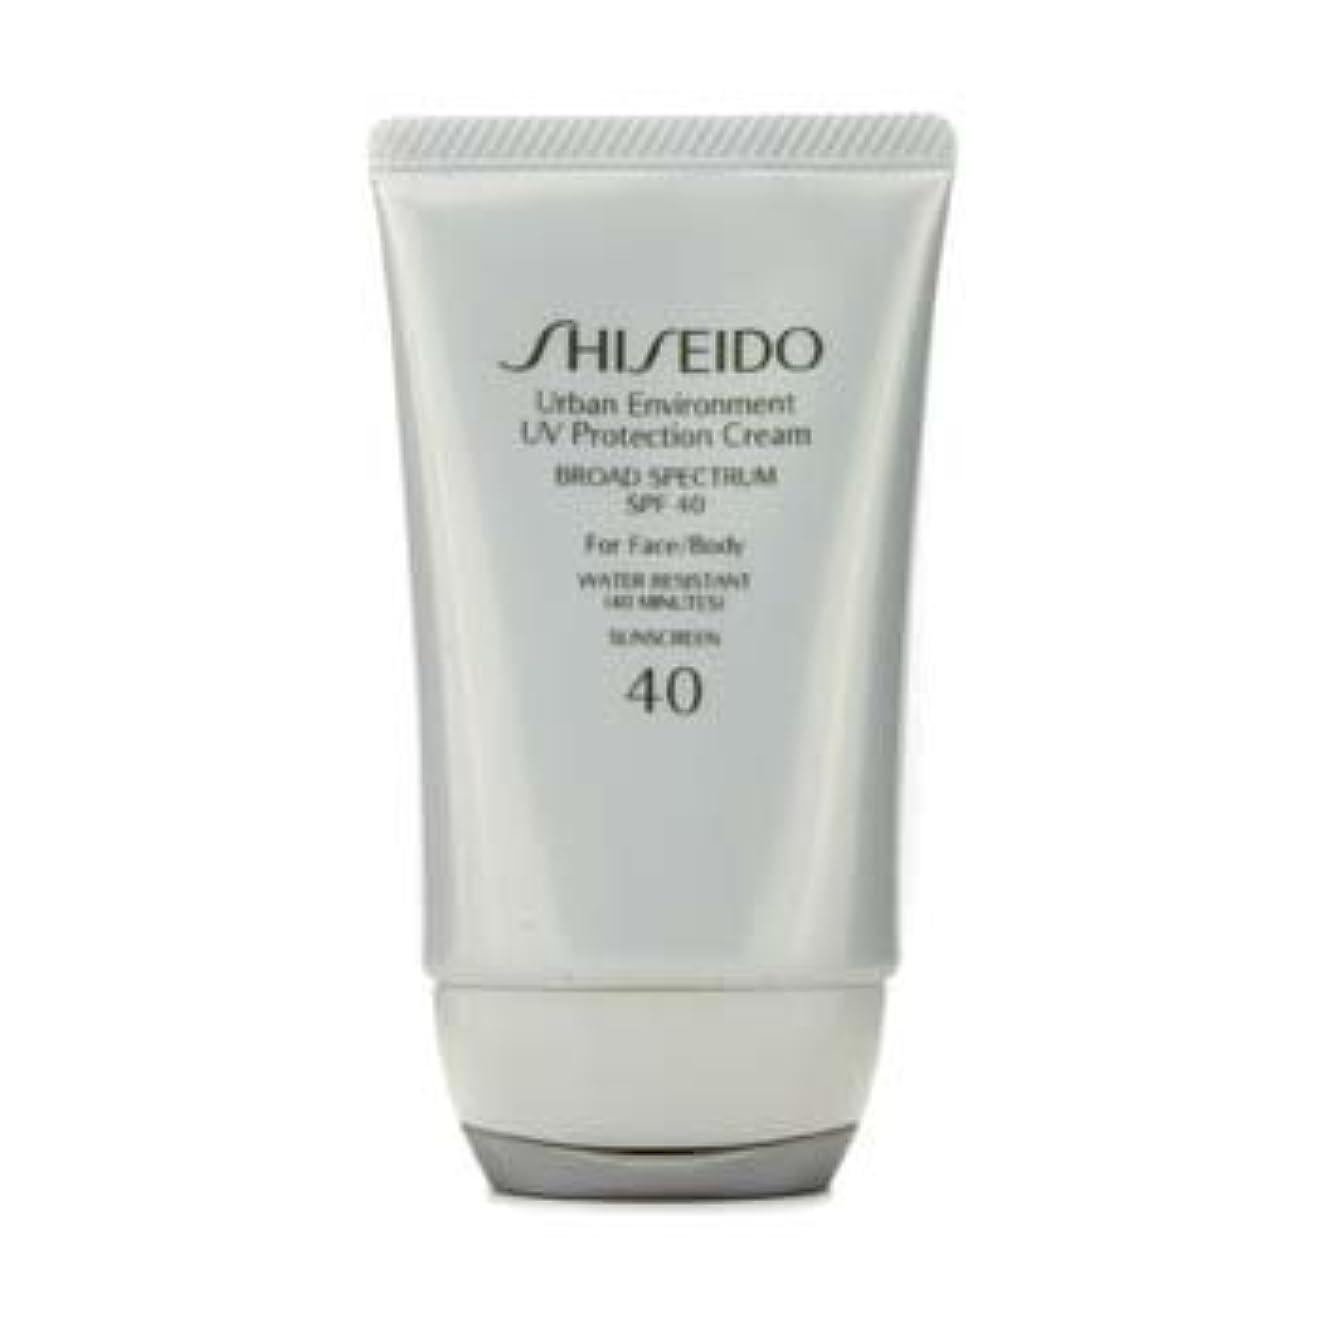 ボットリム爆発物Shiseido Urban Environment UV Protection Cream SPF 40 (For Face & Body) - 50ml/1.9oz by Shiseido [並行輸入品]